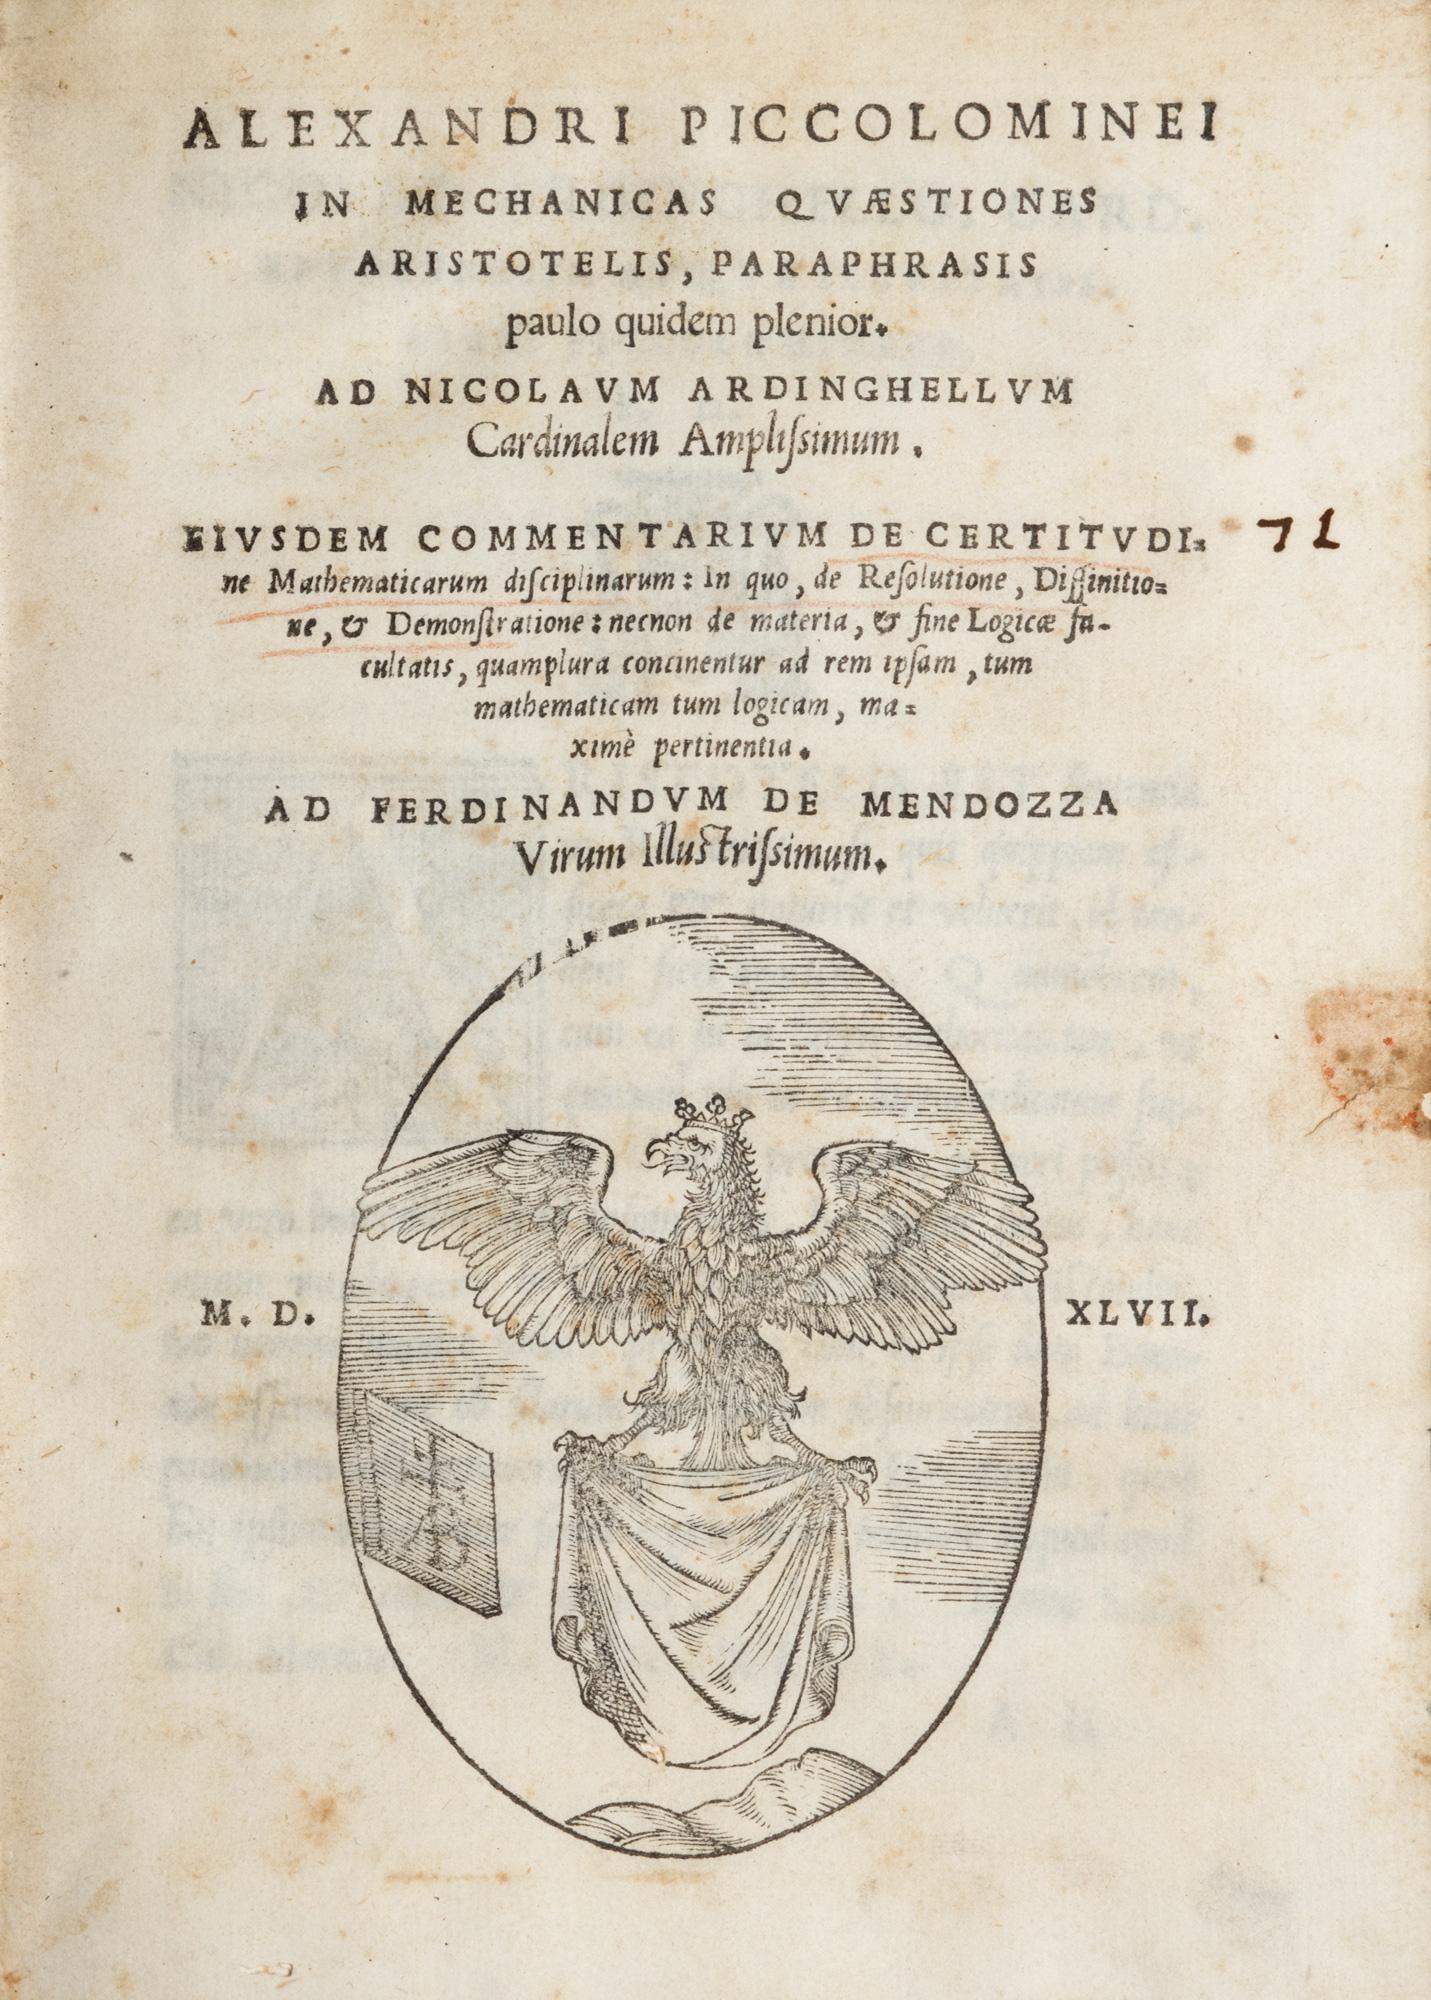 In Mechanicas Quaestiones Aristotelis, Paraphrasis paulo quidem plenior